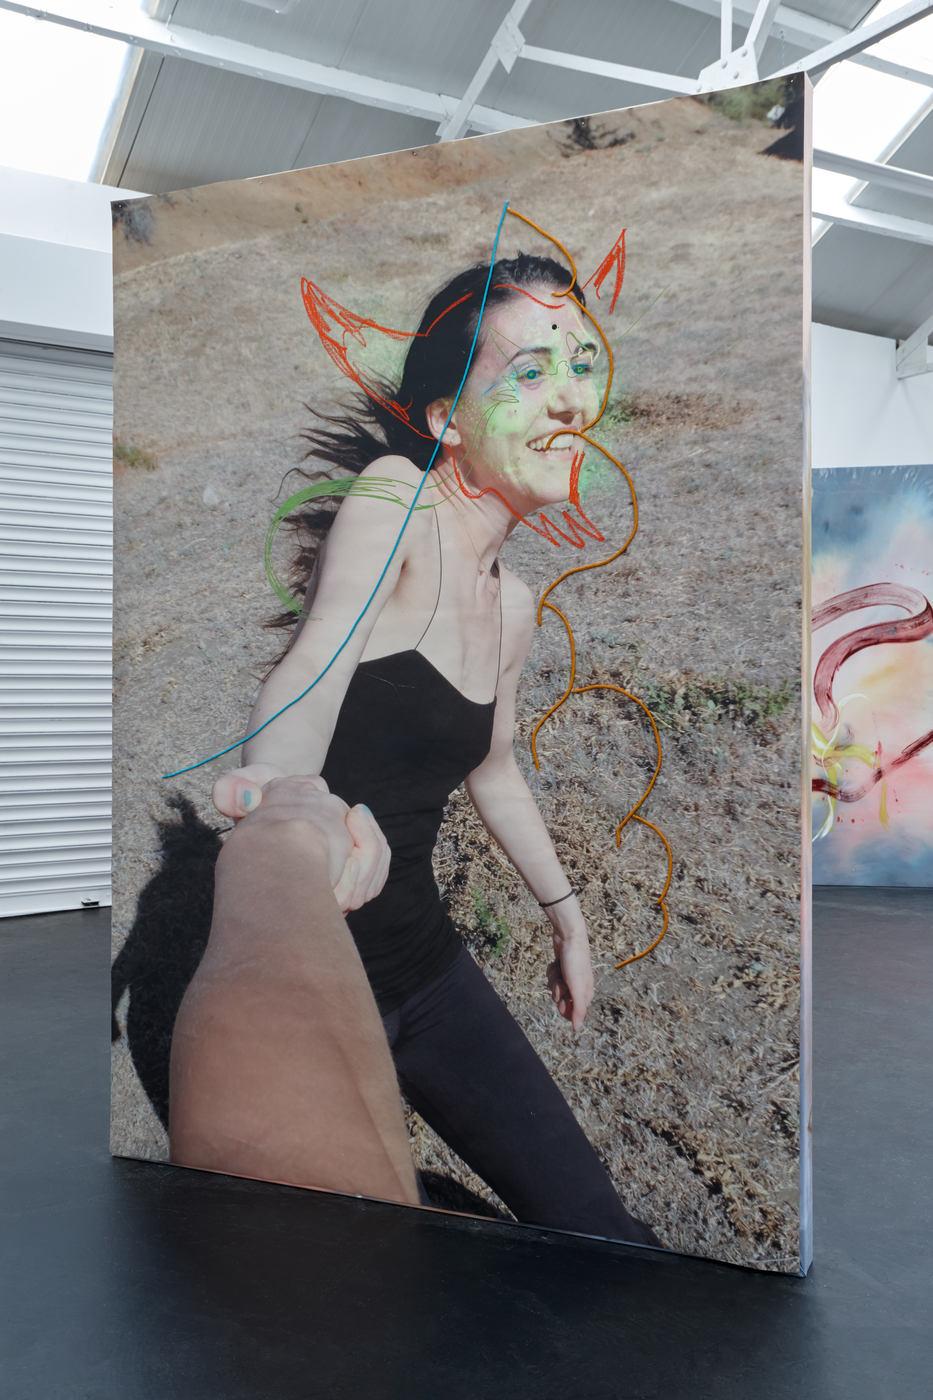 04.-Nora-Berman-Nora-Orb-Calabasas-spin-2016-ii